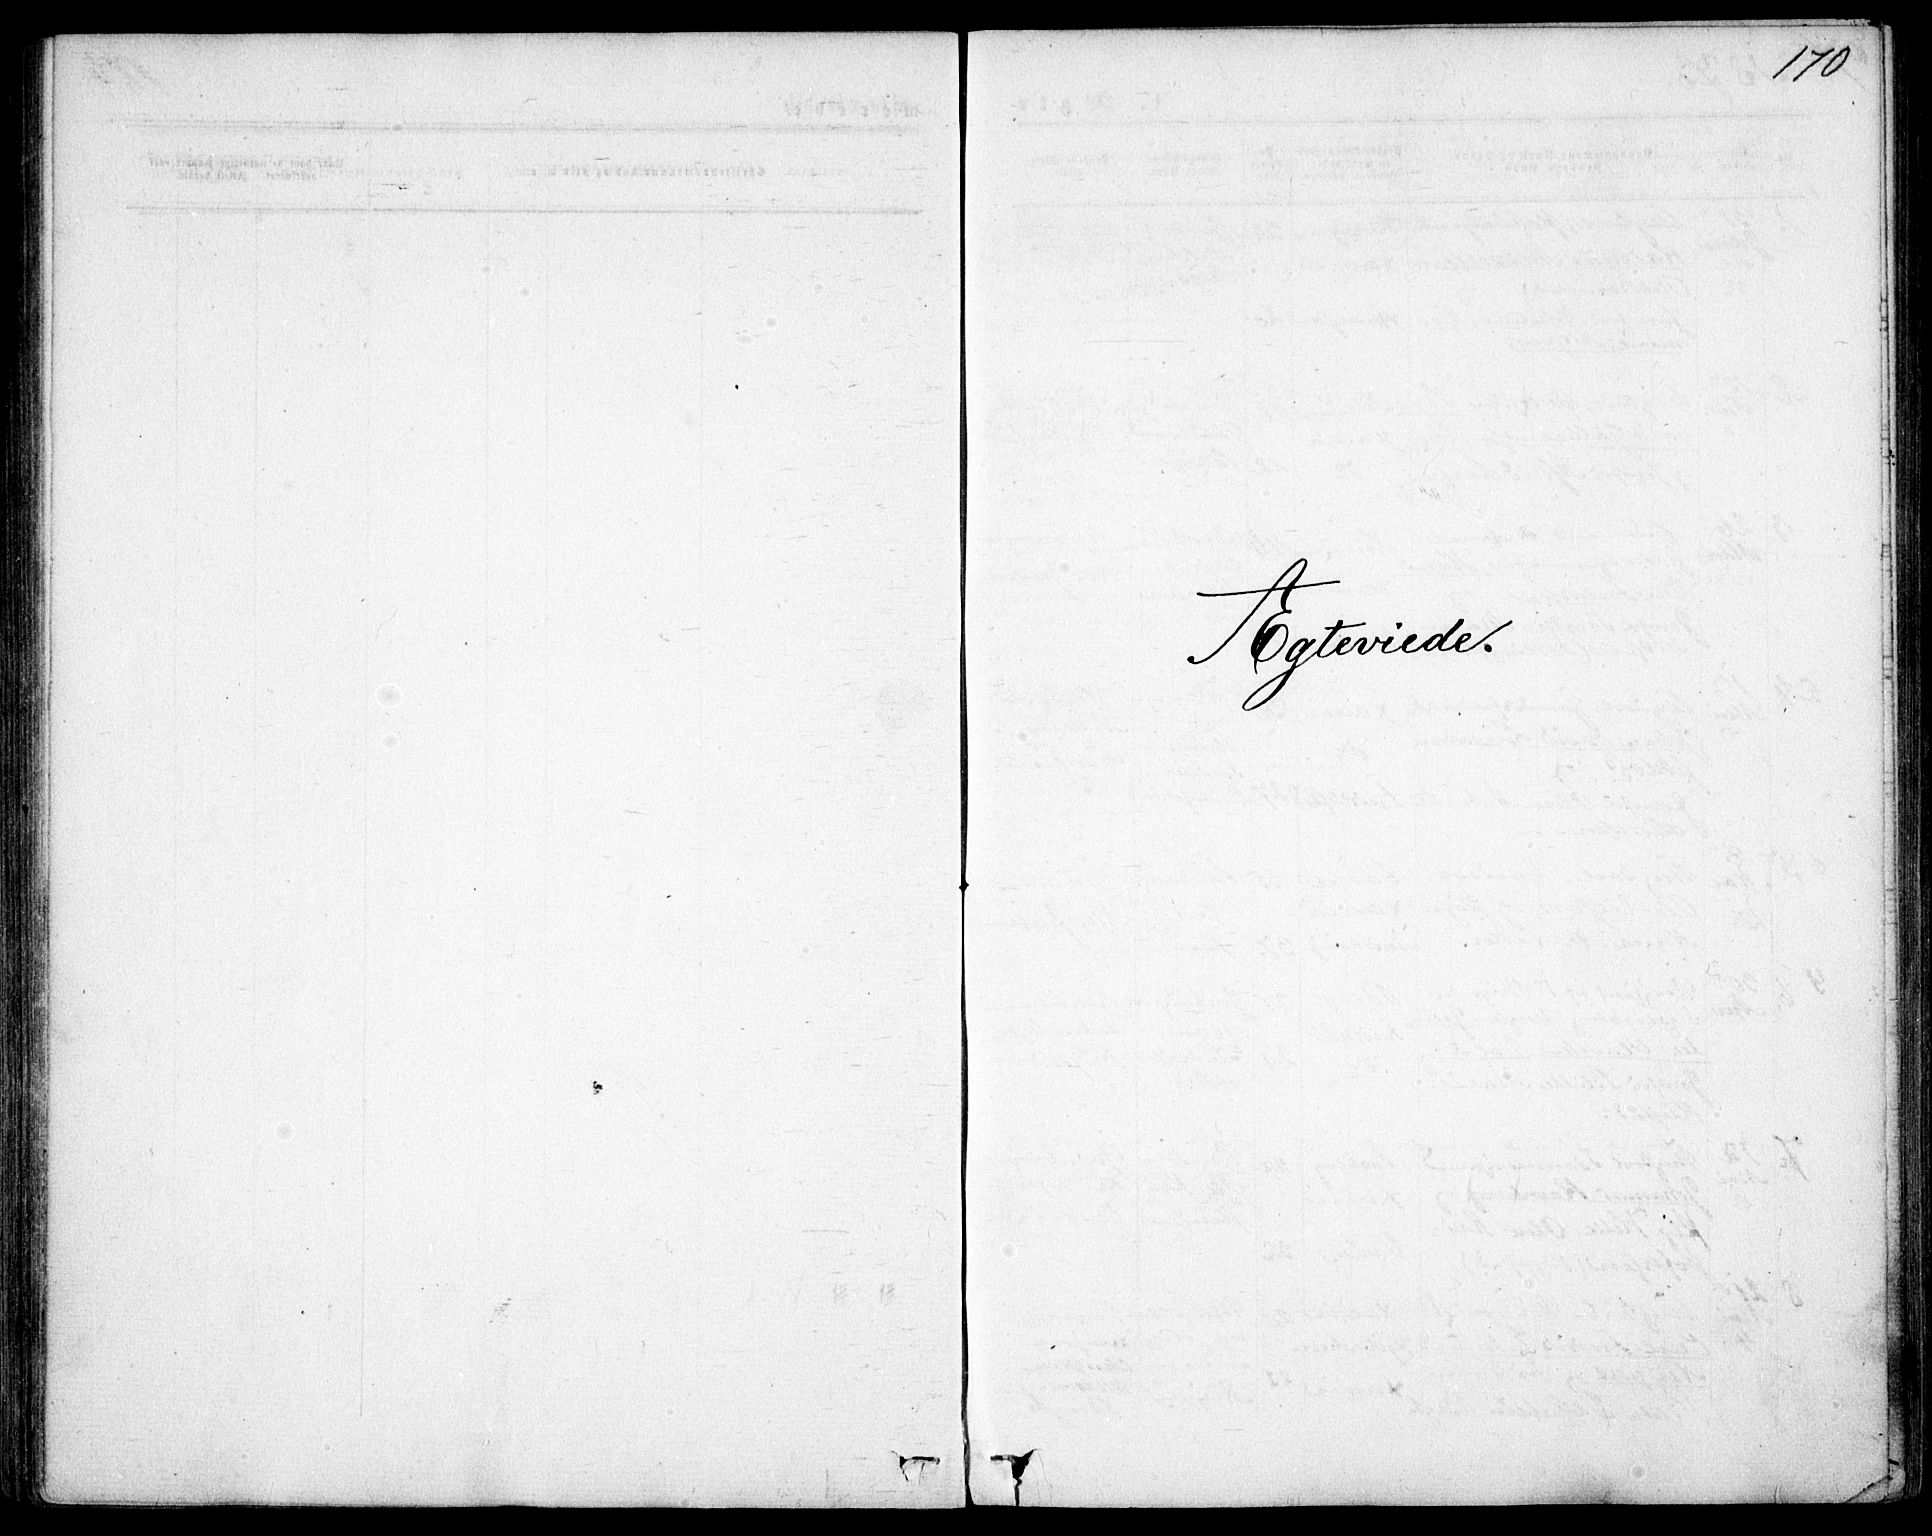 SAO, Garnisonsmenigheten Kirkebøker, F/Fa/L0011: Ministerialbok nr. 11, 1870-1880, s. 170